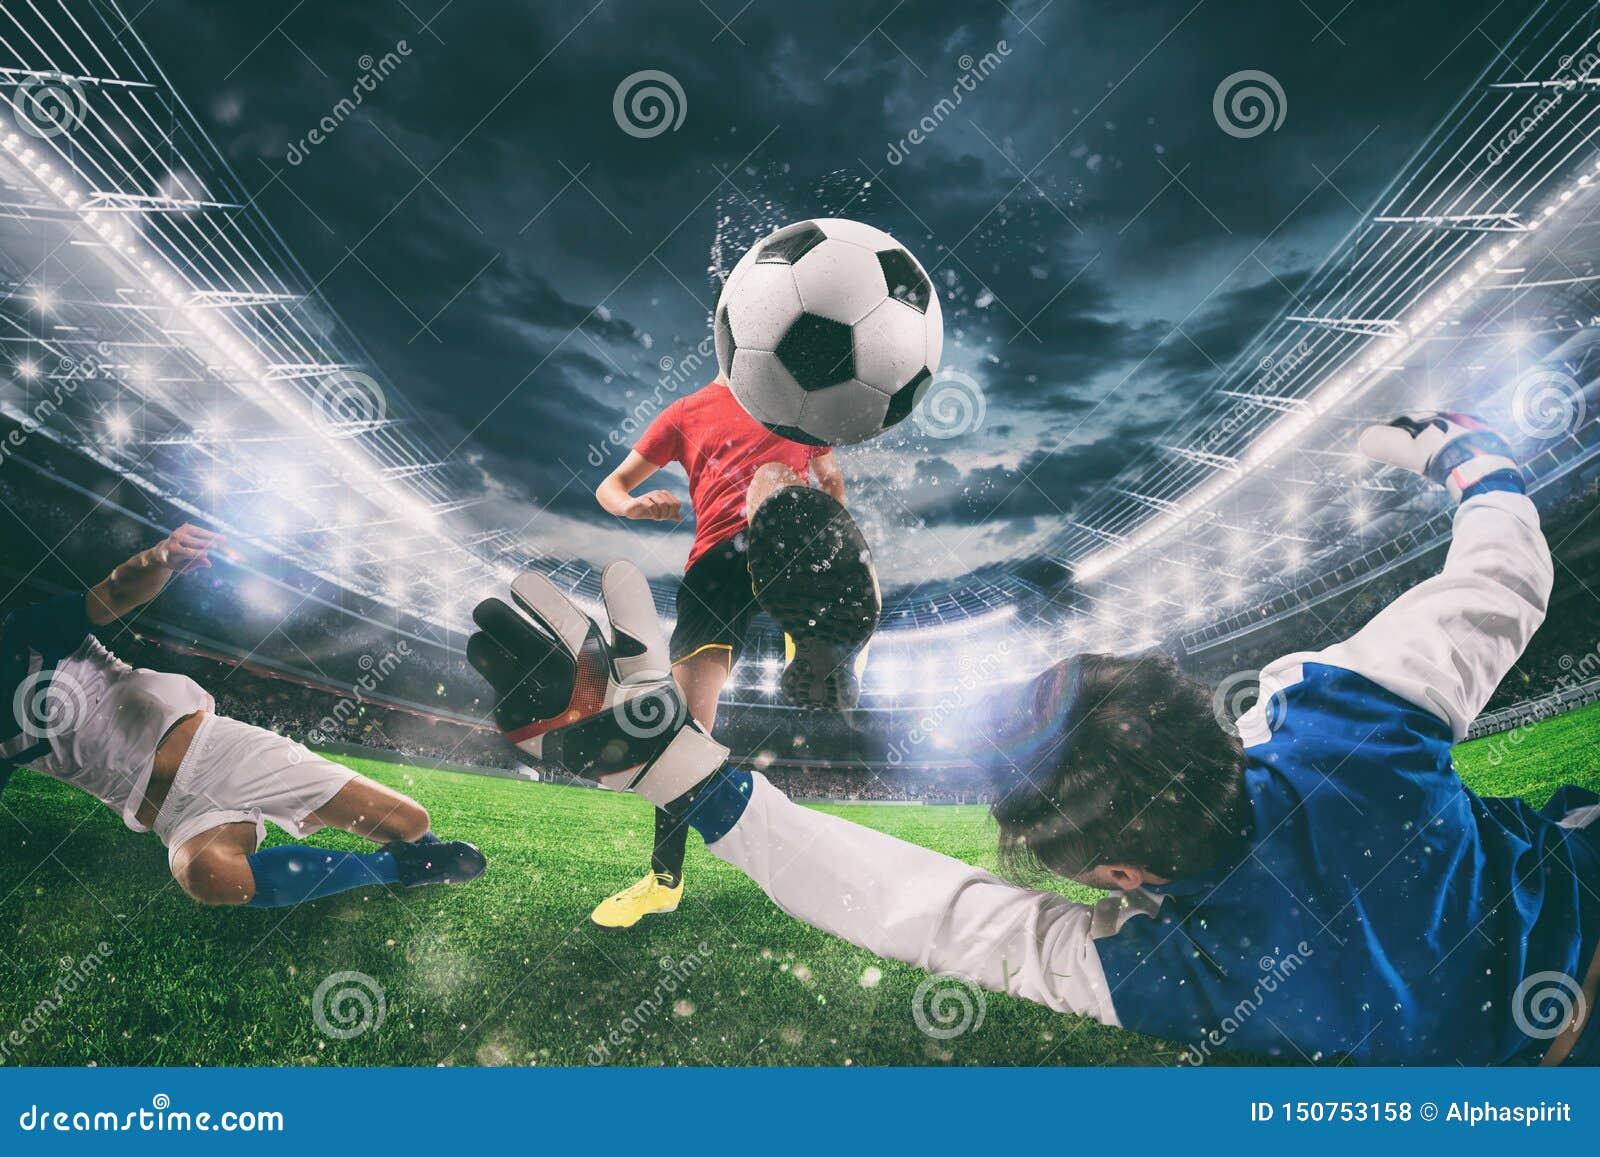 Feche acima de uma cena da ação do futebol com os jogadores de futebol de competência no estádio durante um fósforo da noite